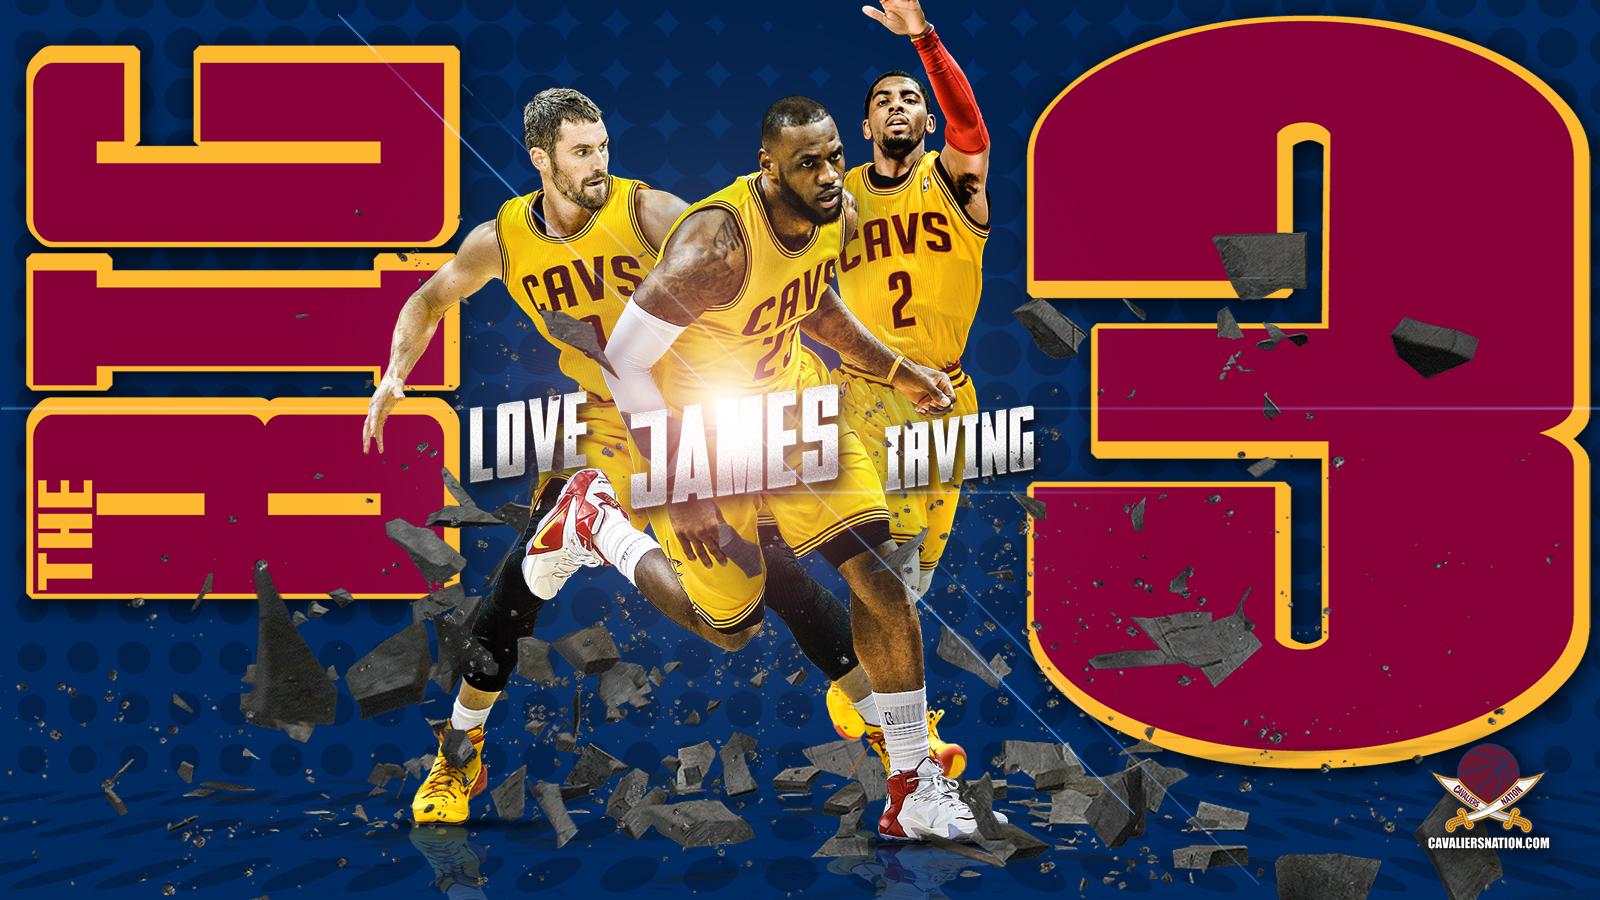 Đâu sẽ là hướng đi kế tiếp cho Cavaliers & Lebron James?